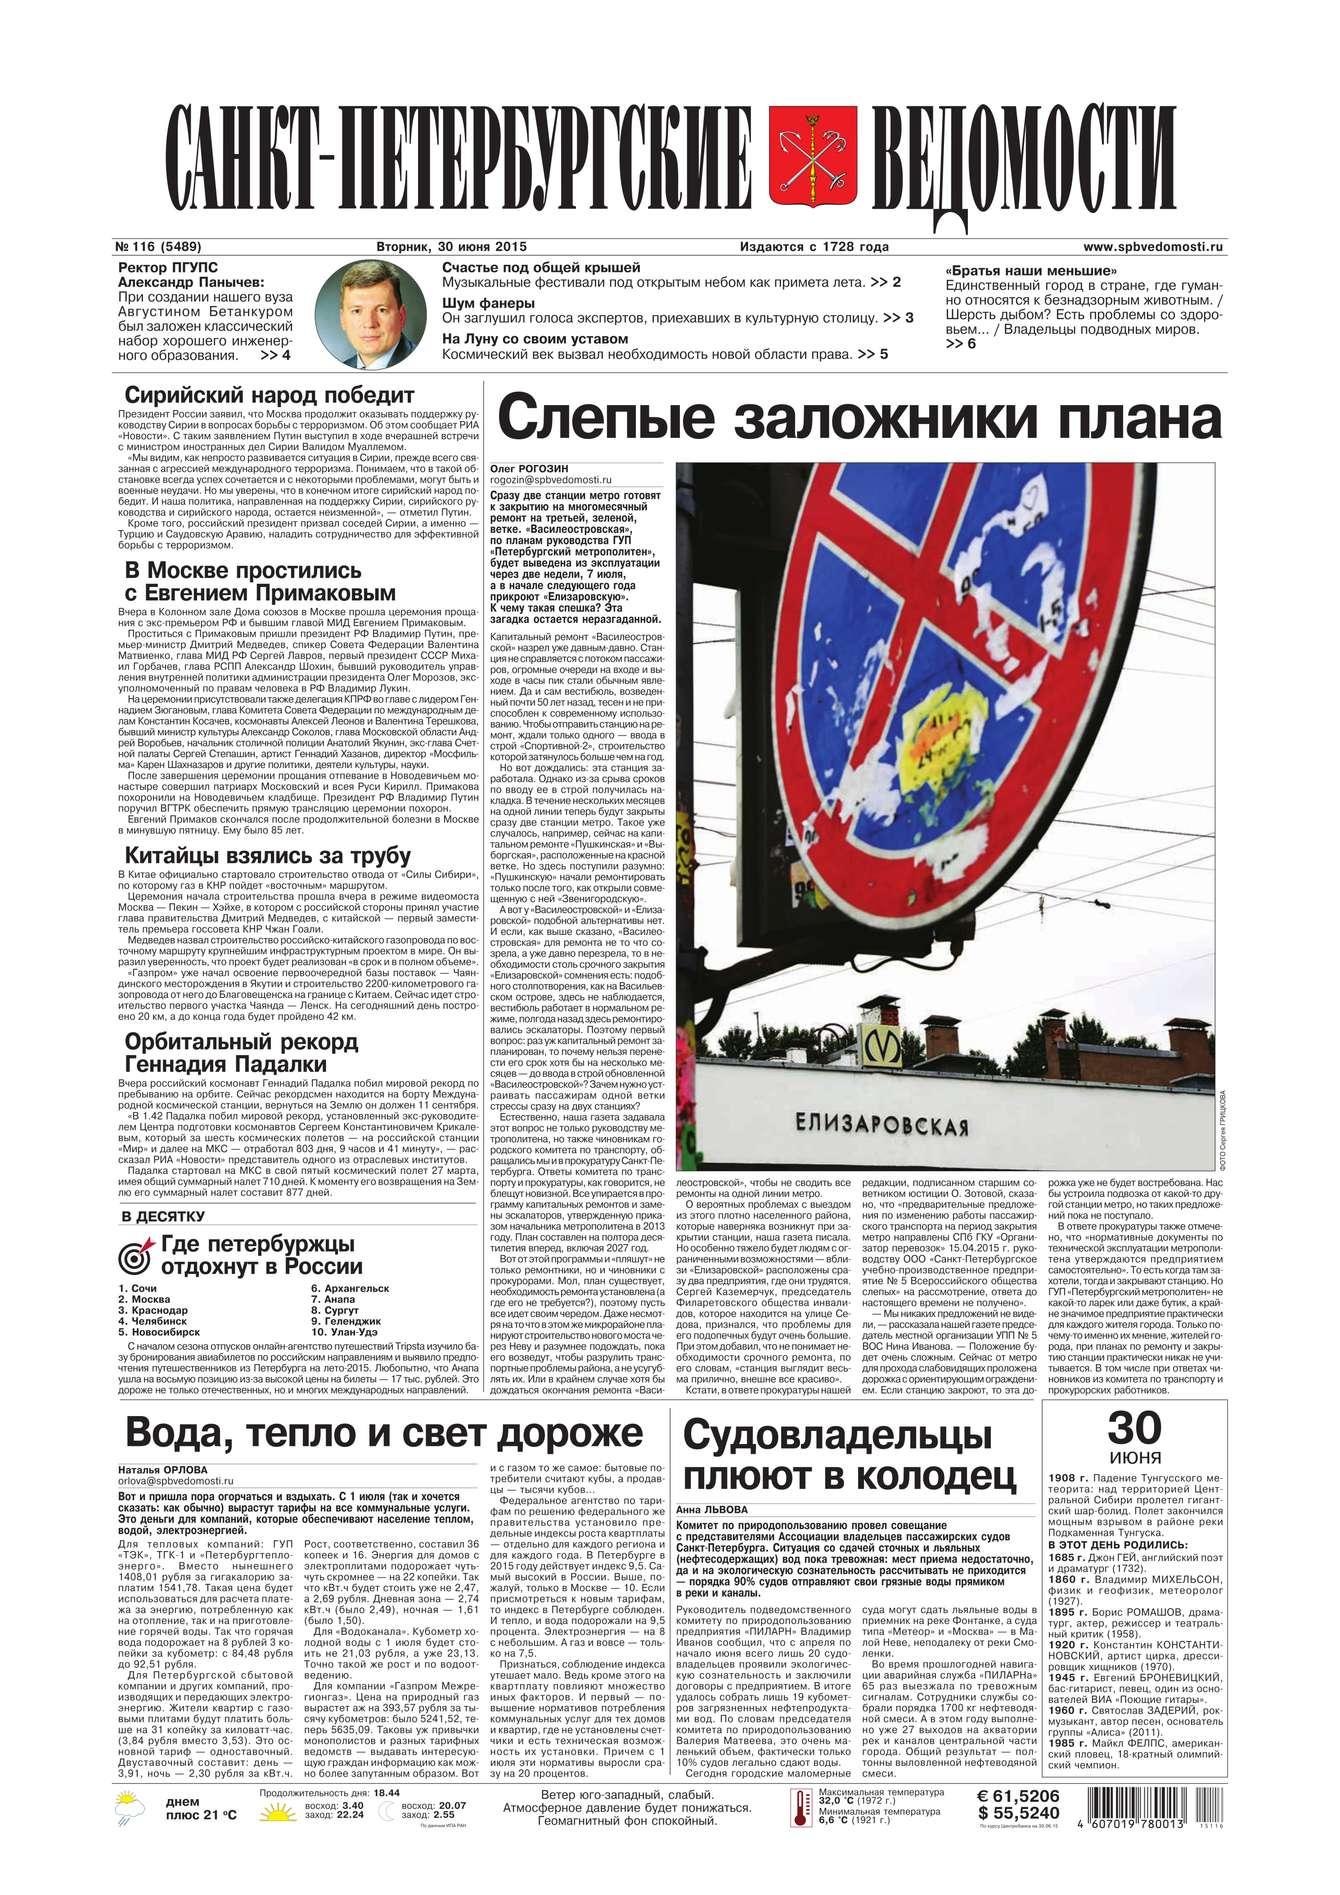 Редакция газеты Санкт-Петербургские ведомости 116-2015